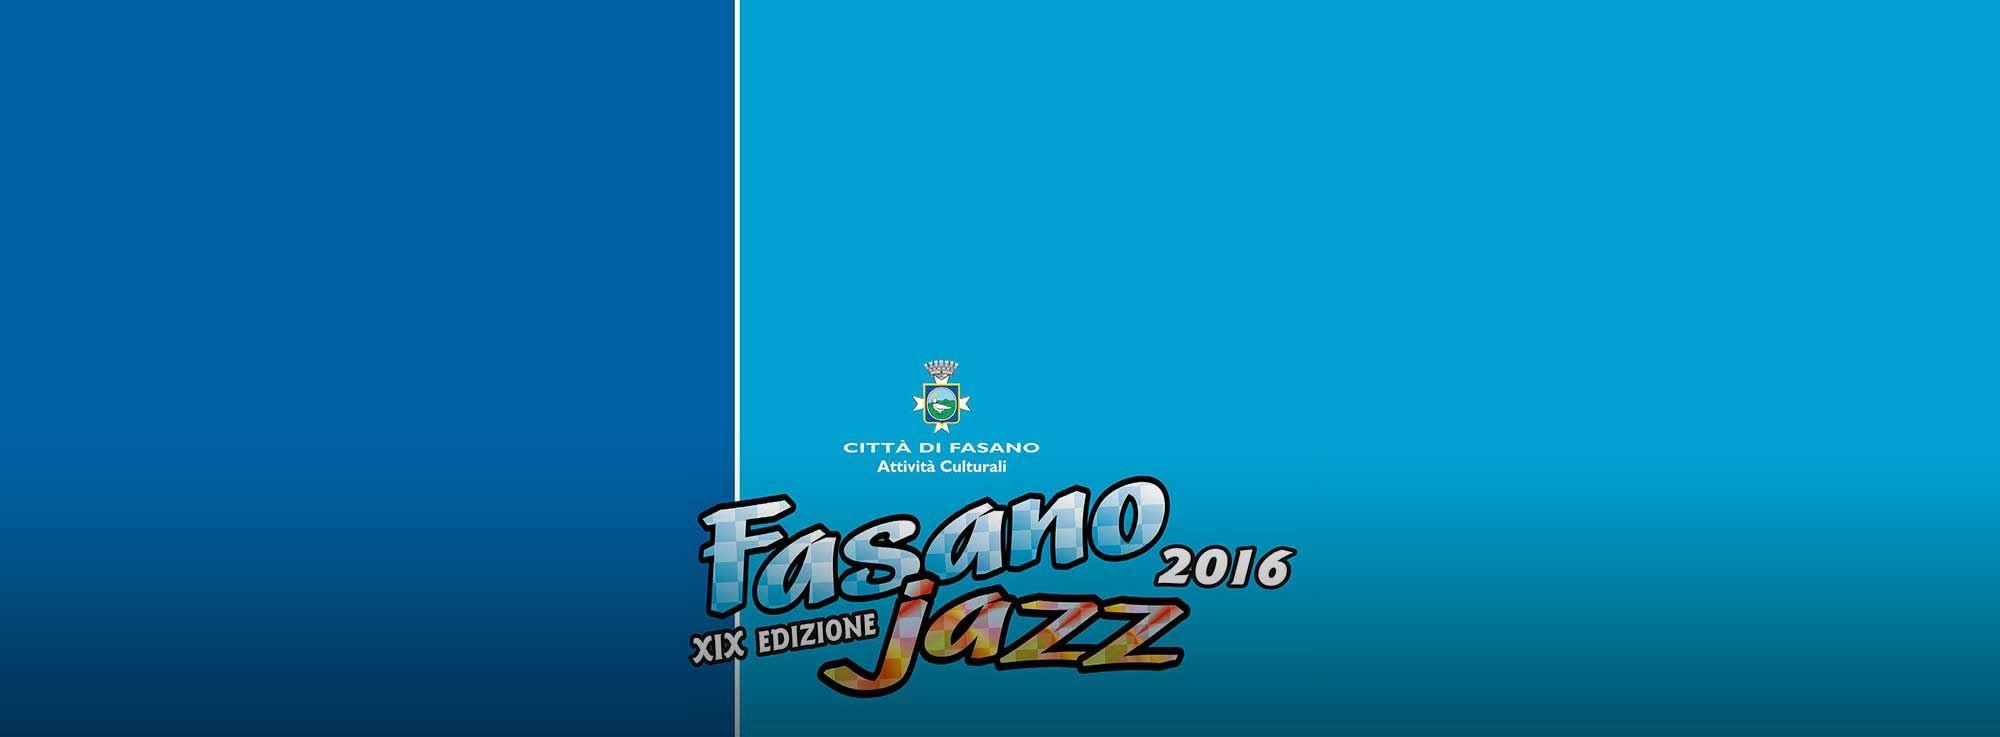 Fasano: Goblin Rebirth al Fasano Jazz 2016